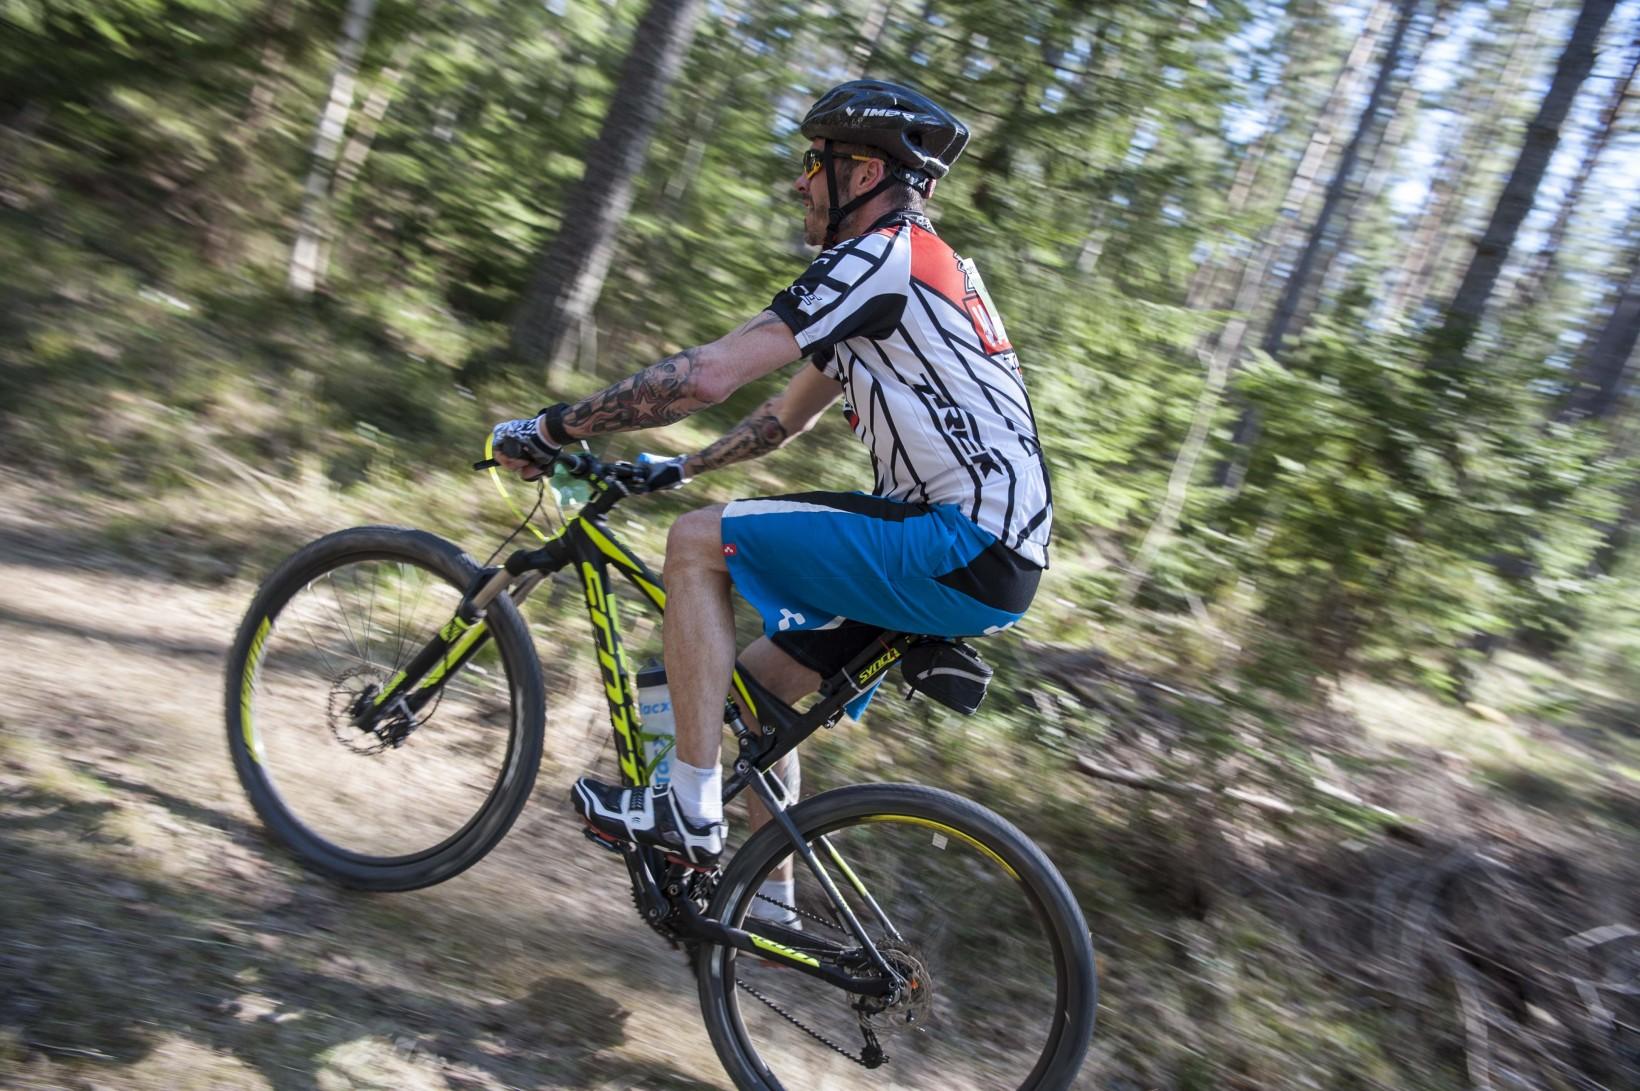 Jesper_Andersson__JAN7386_www.jeppman.com